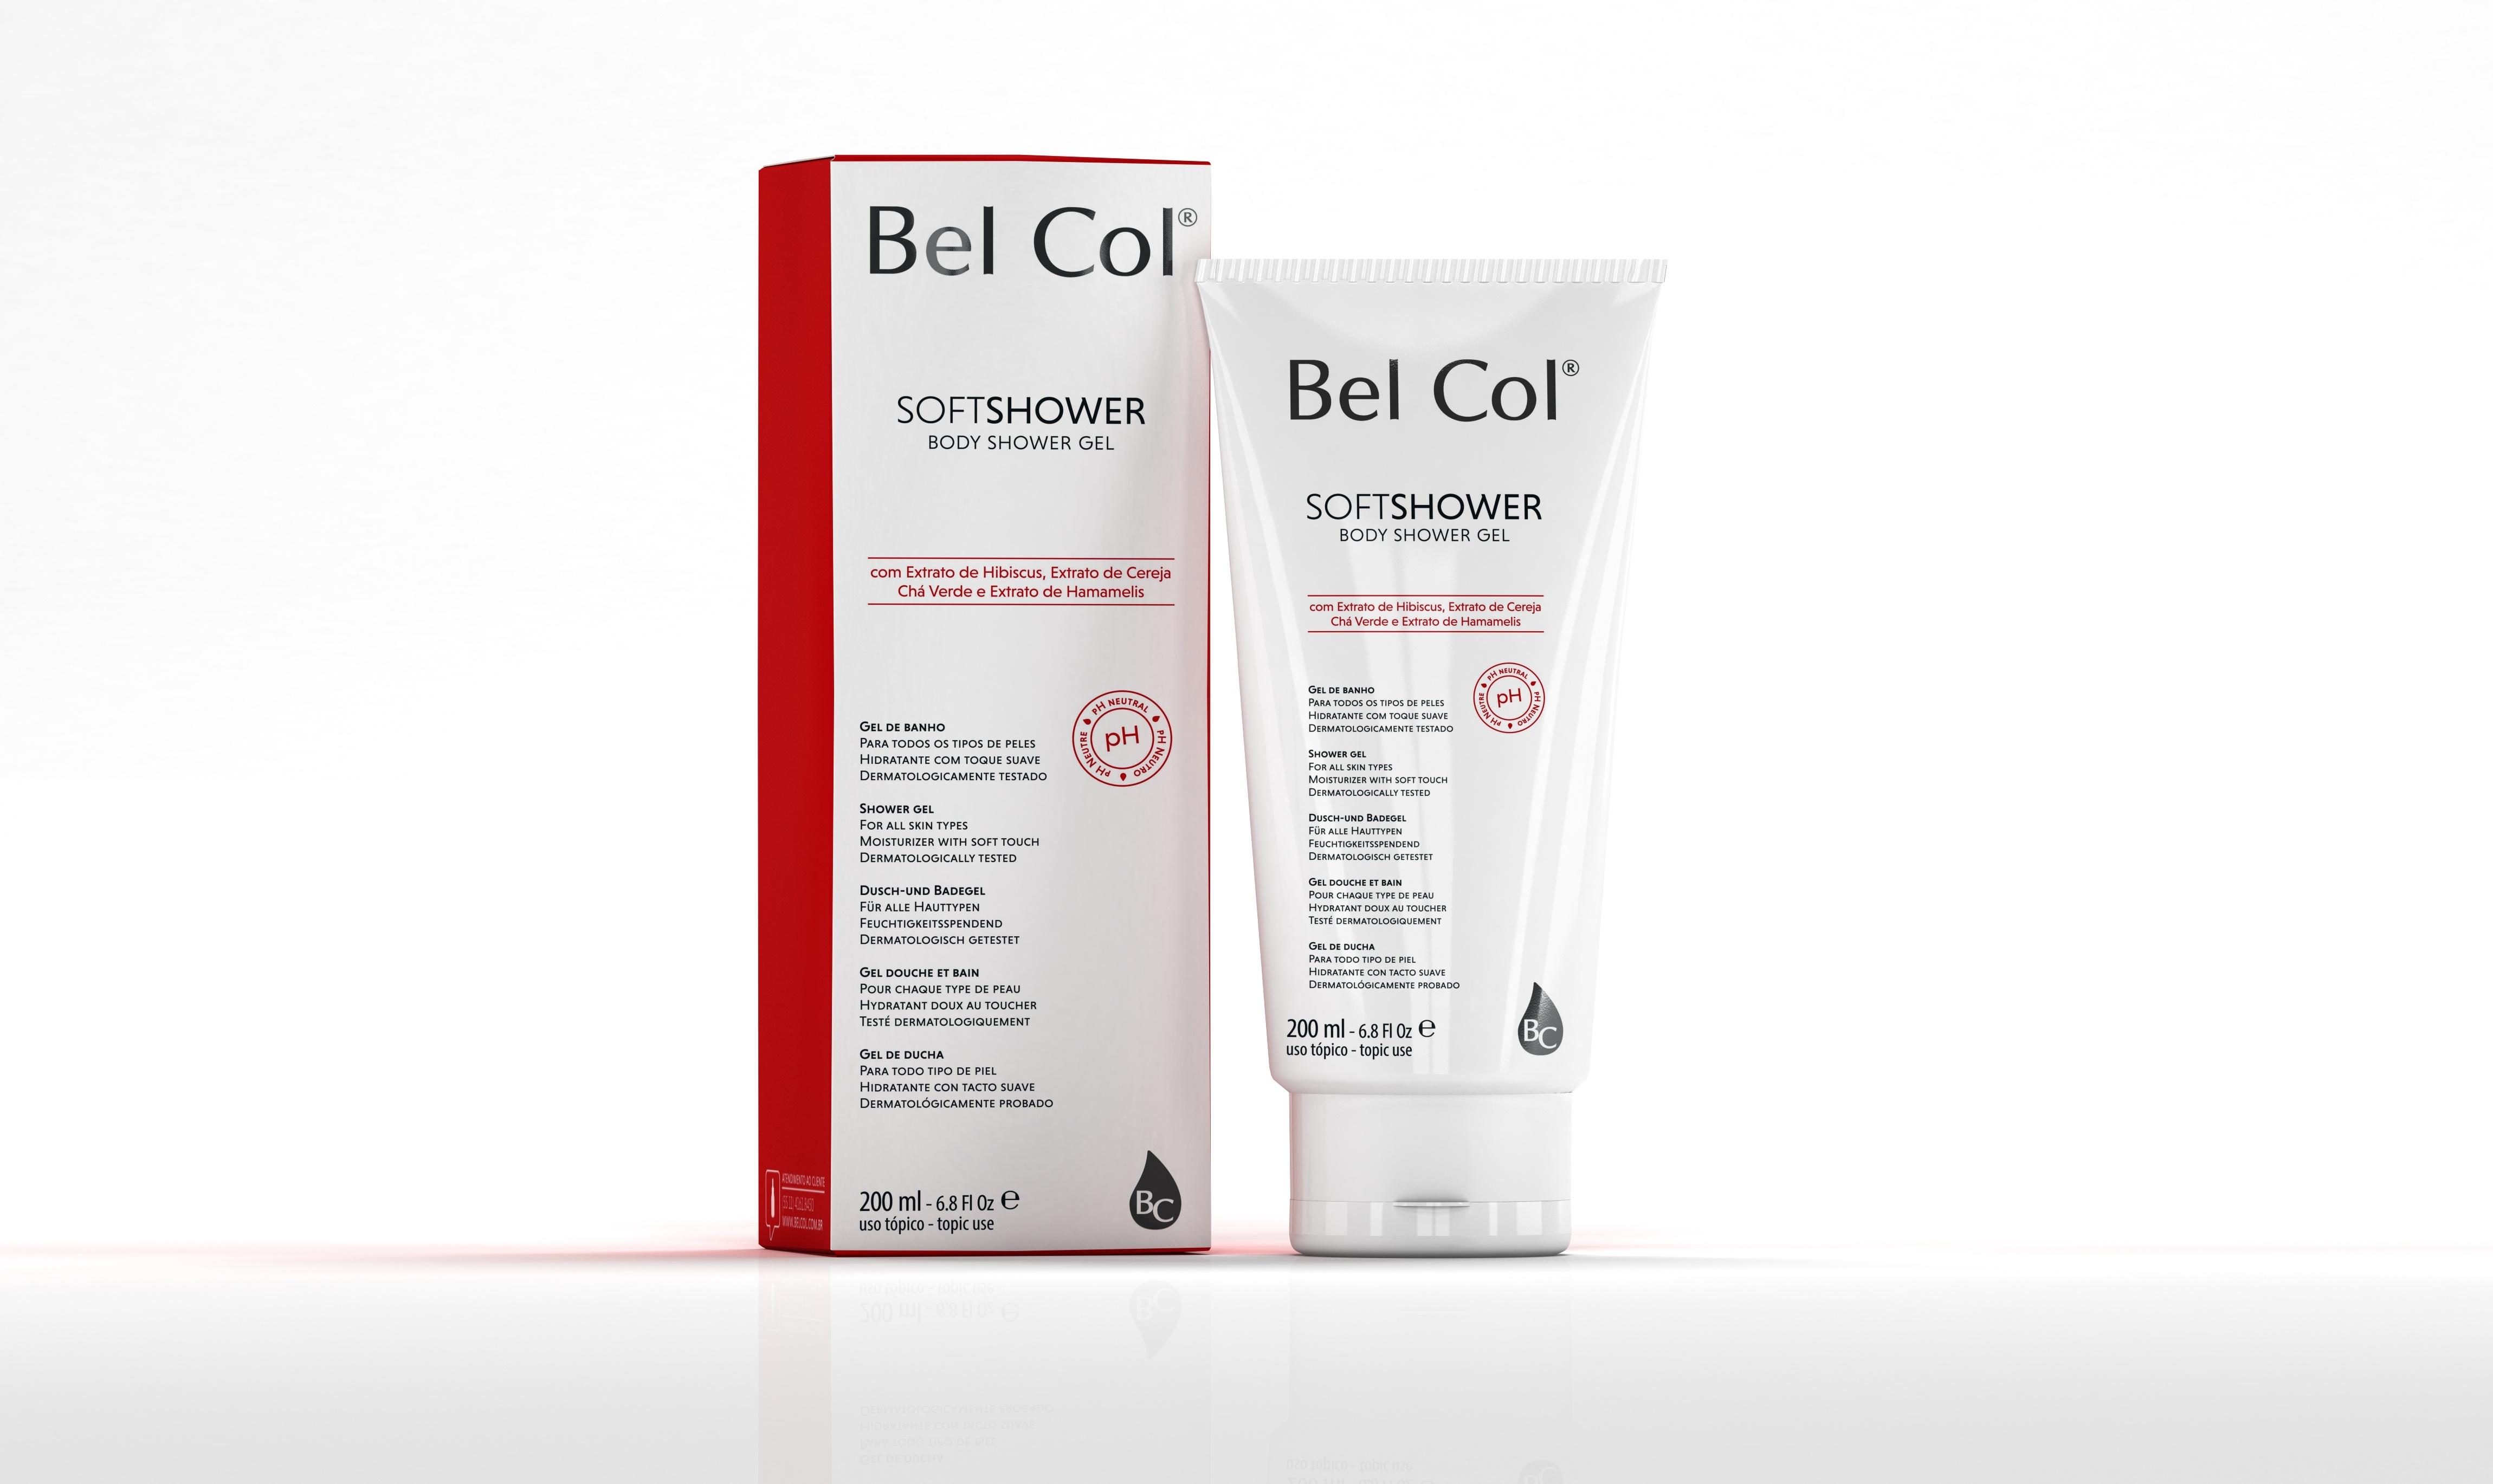 Bel Col - softshower_com_caixa (1)